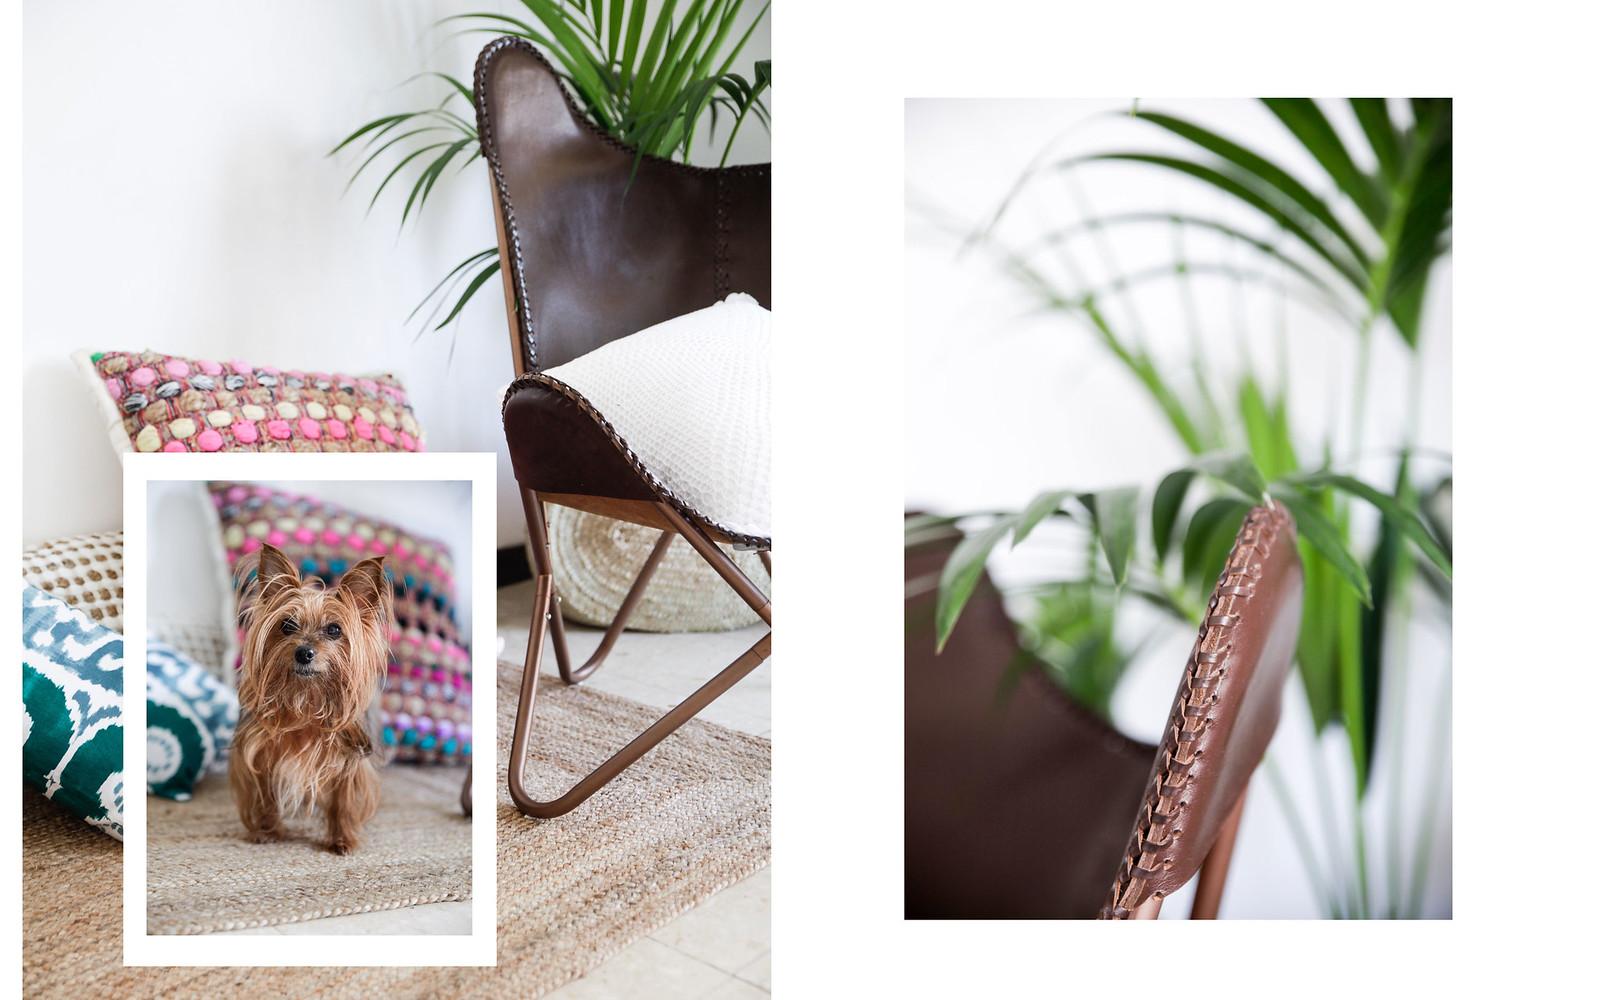 010_calma_house_ideas_decoracion_casa_cojines_bonitos_barcelona_boho_deco_theguestgirl_house_aloha_style_palmeras_casa_interior